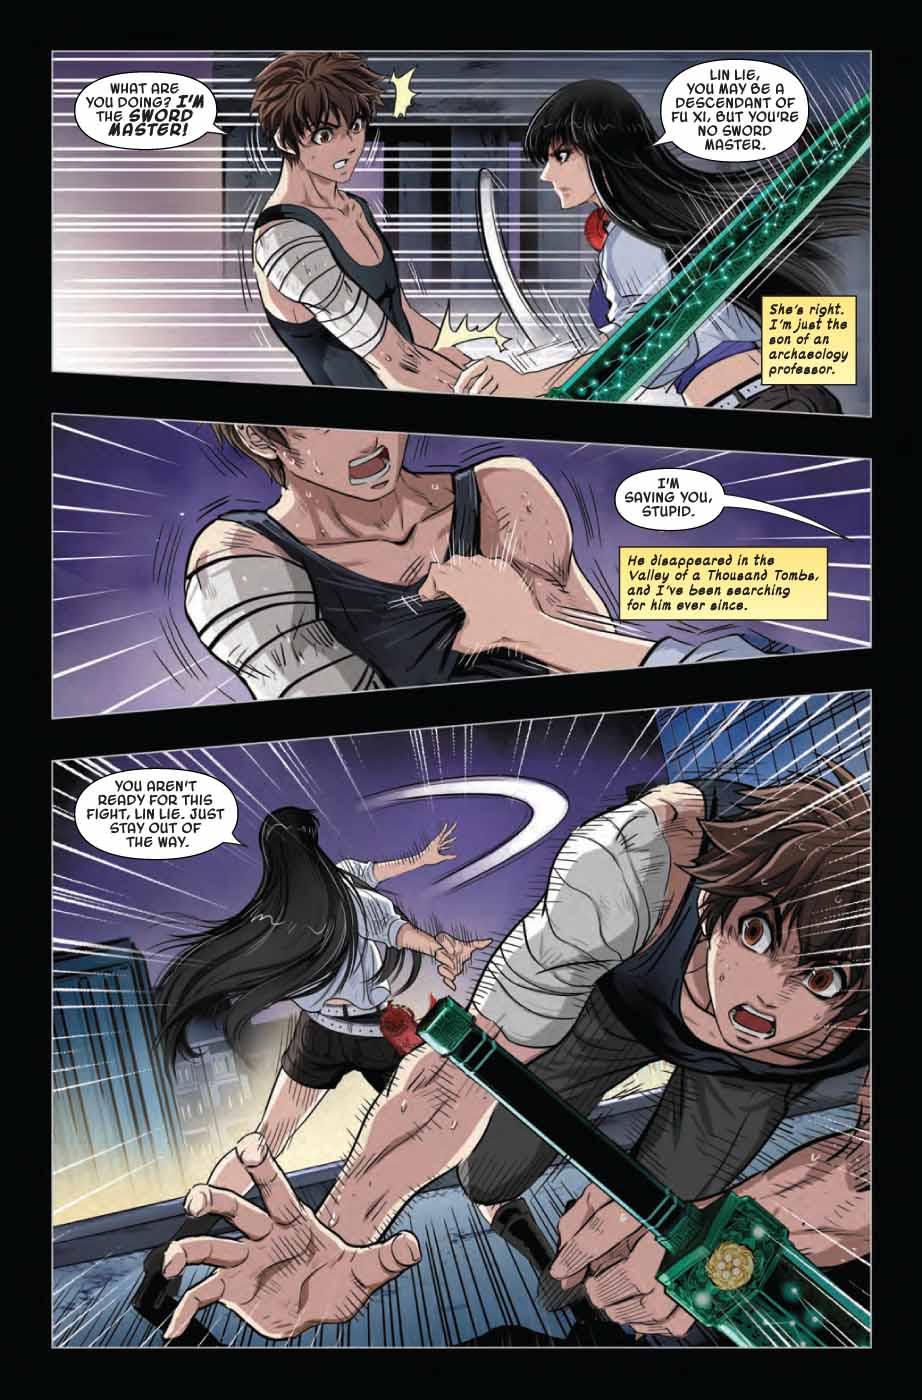 swordmaster73